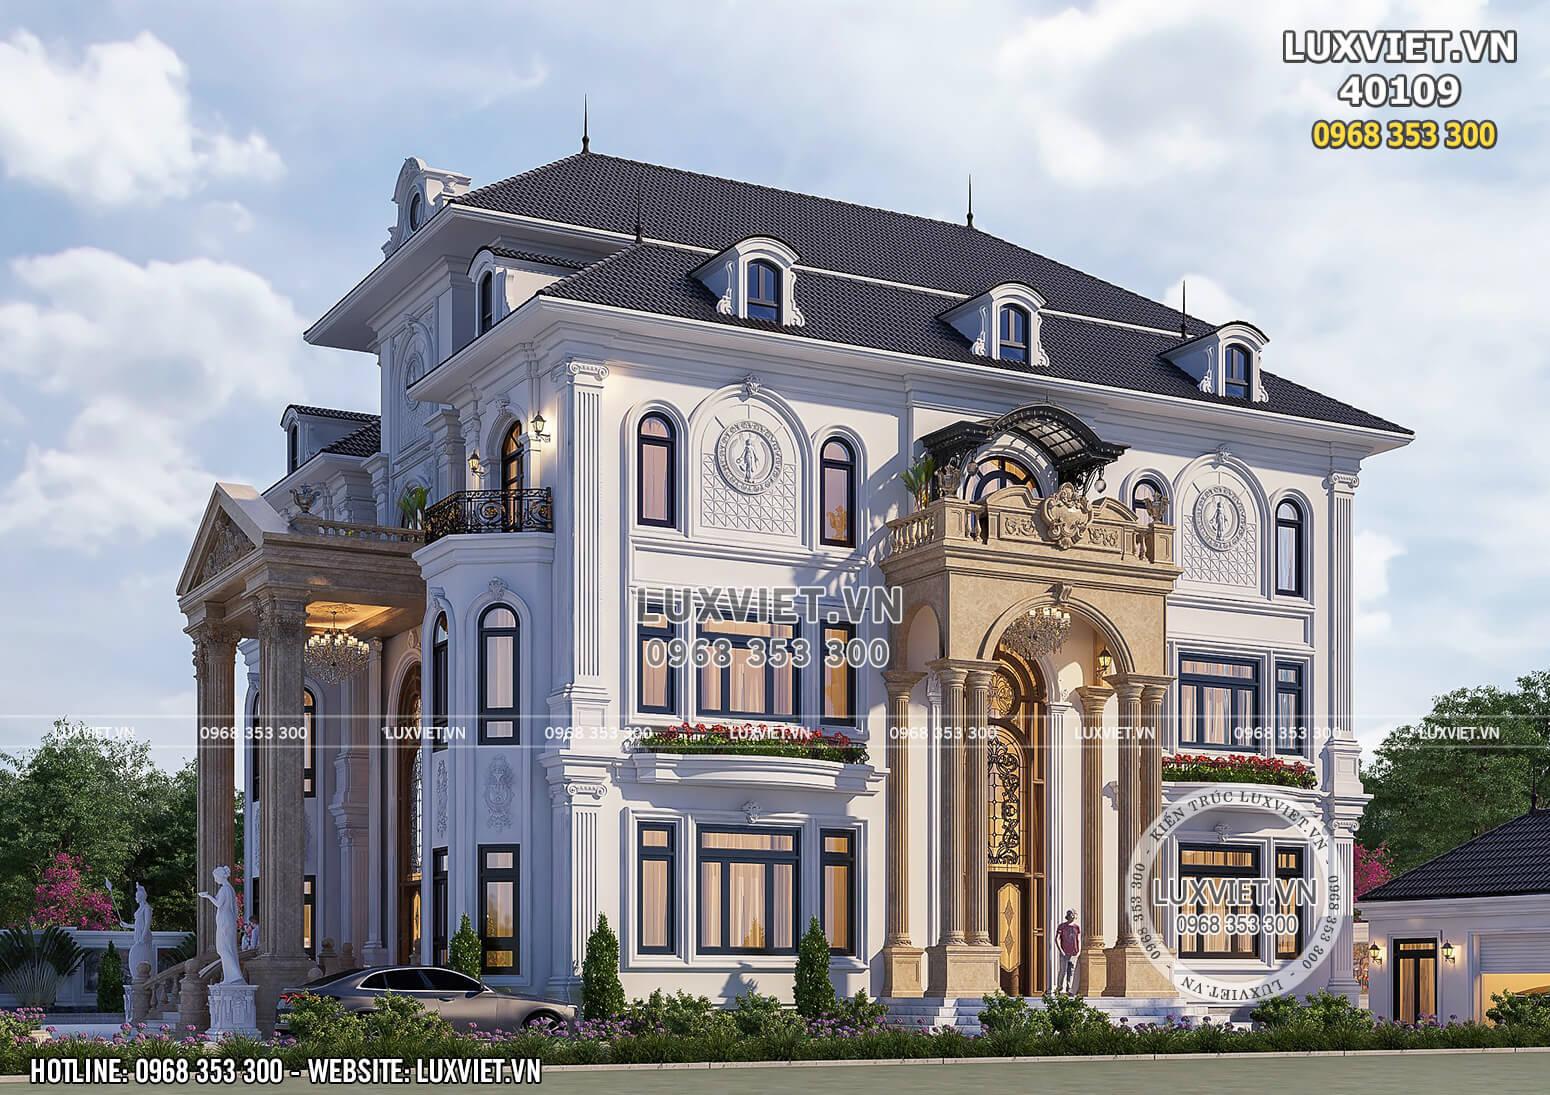 Hình ảnh: Biệt thự đẹp và sang trọng 4 tầng - LV 40109